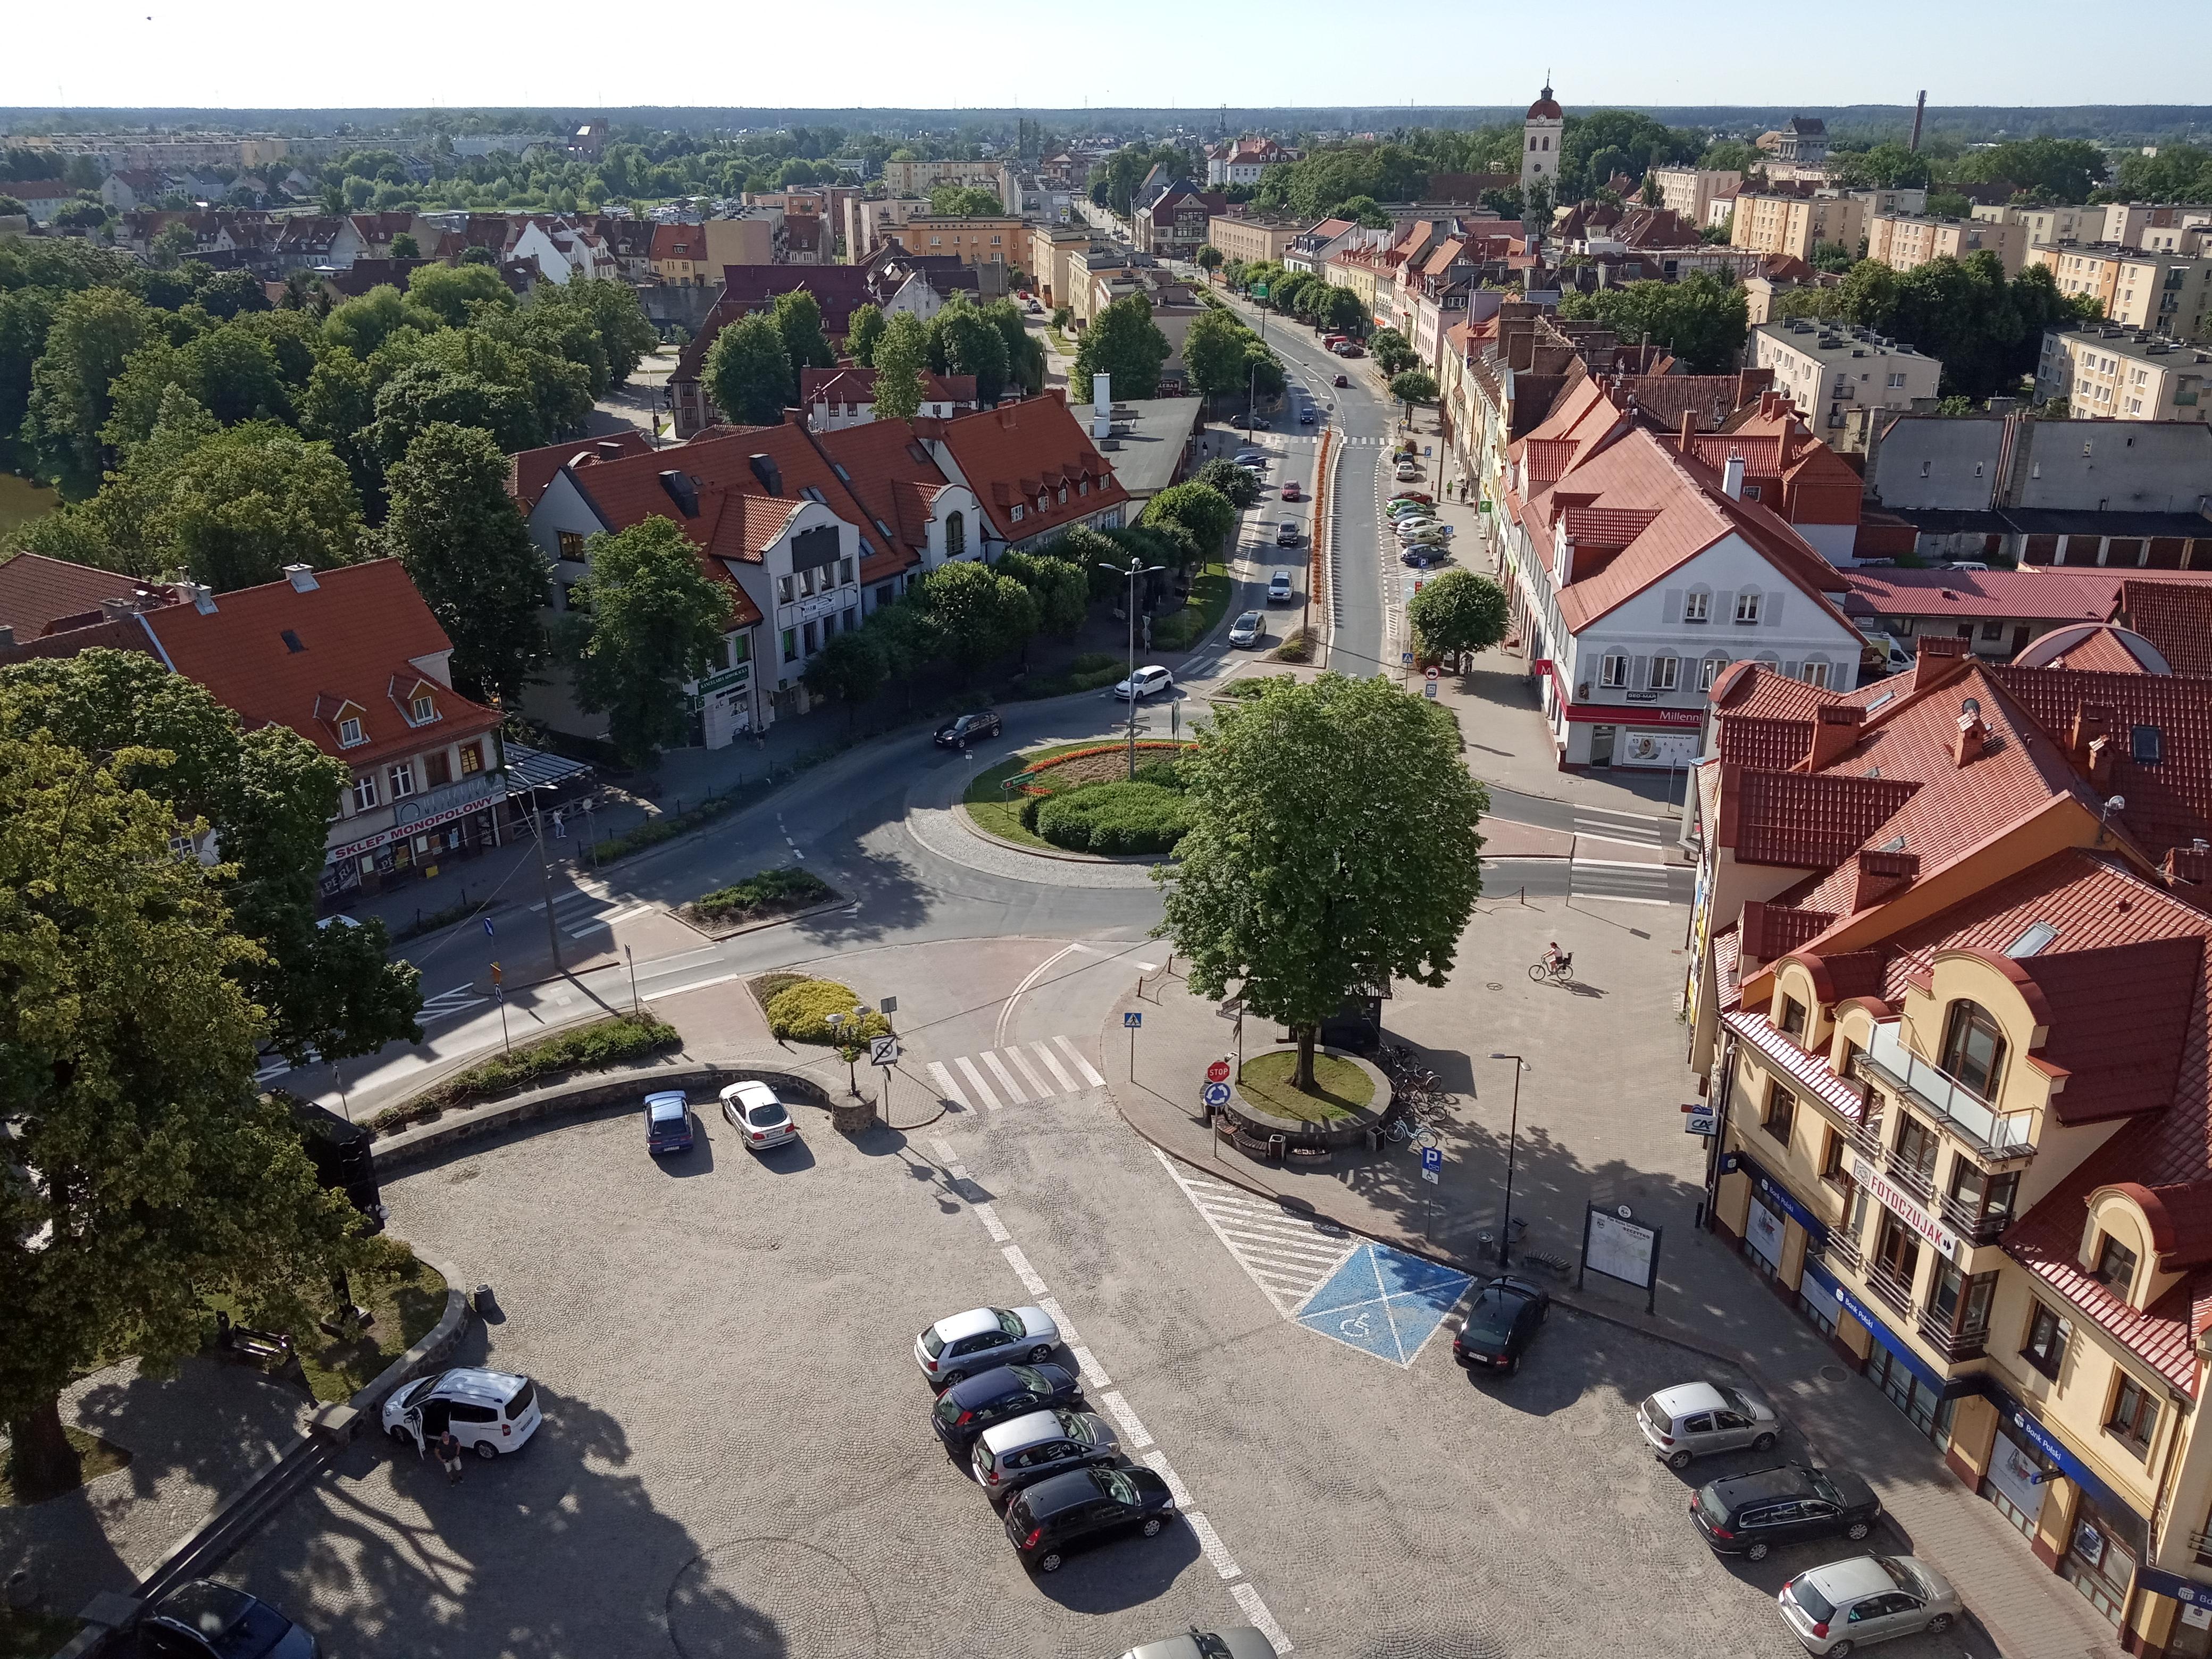 https://m.powiatszczycienski.pl/2019/11/orig/img-20190625-080933-26000.jpg